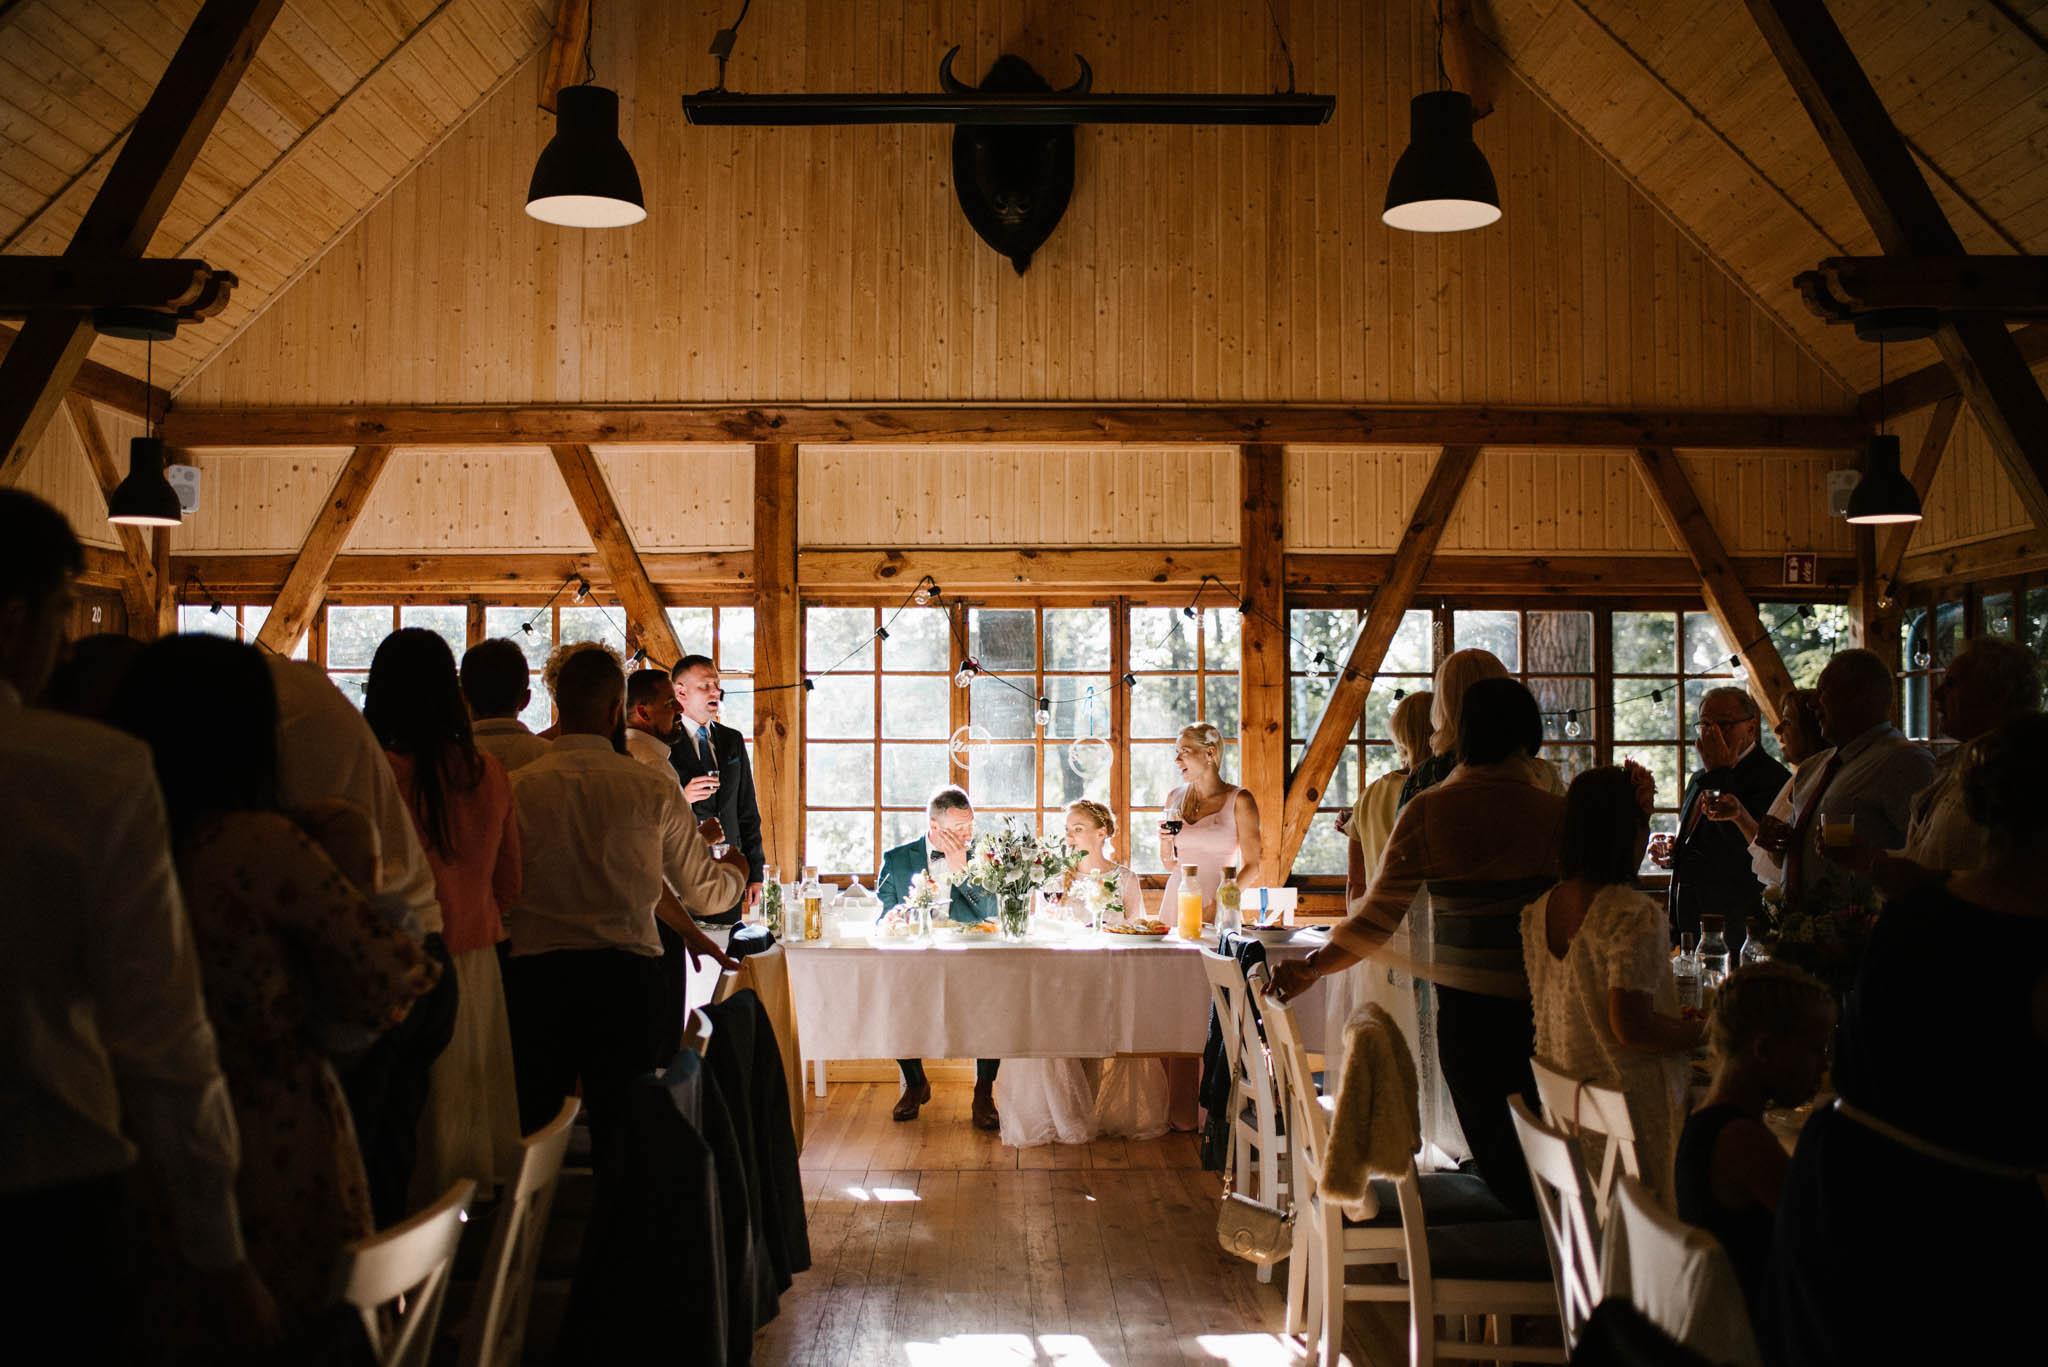 Goście śpiewają parze młodej sto lat - sesja ślubna na Wyspie Św. Edwarda Zaniemyśl